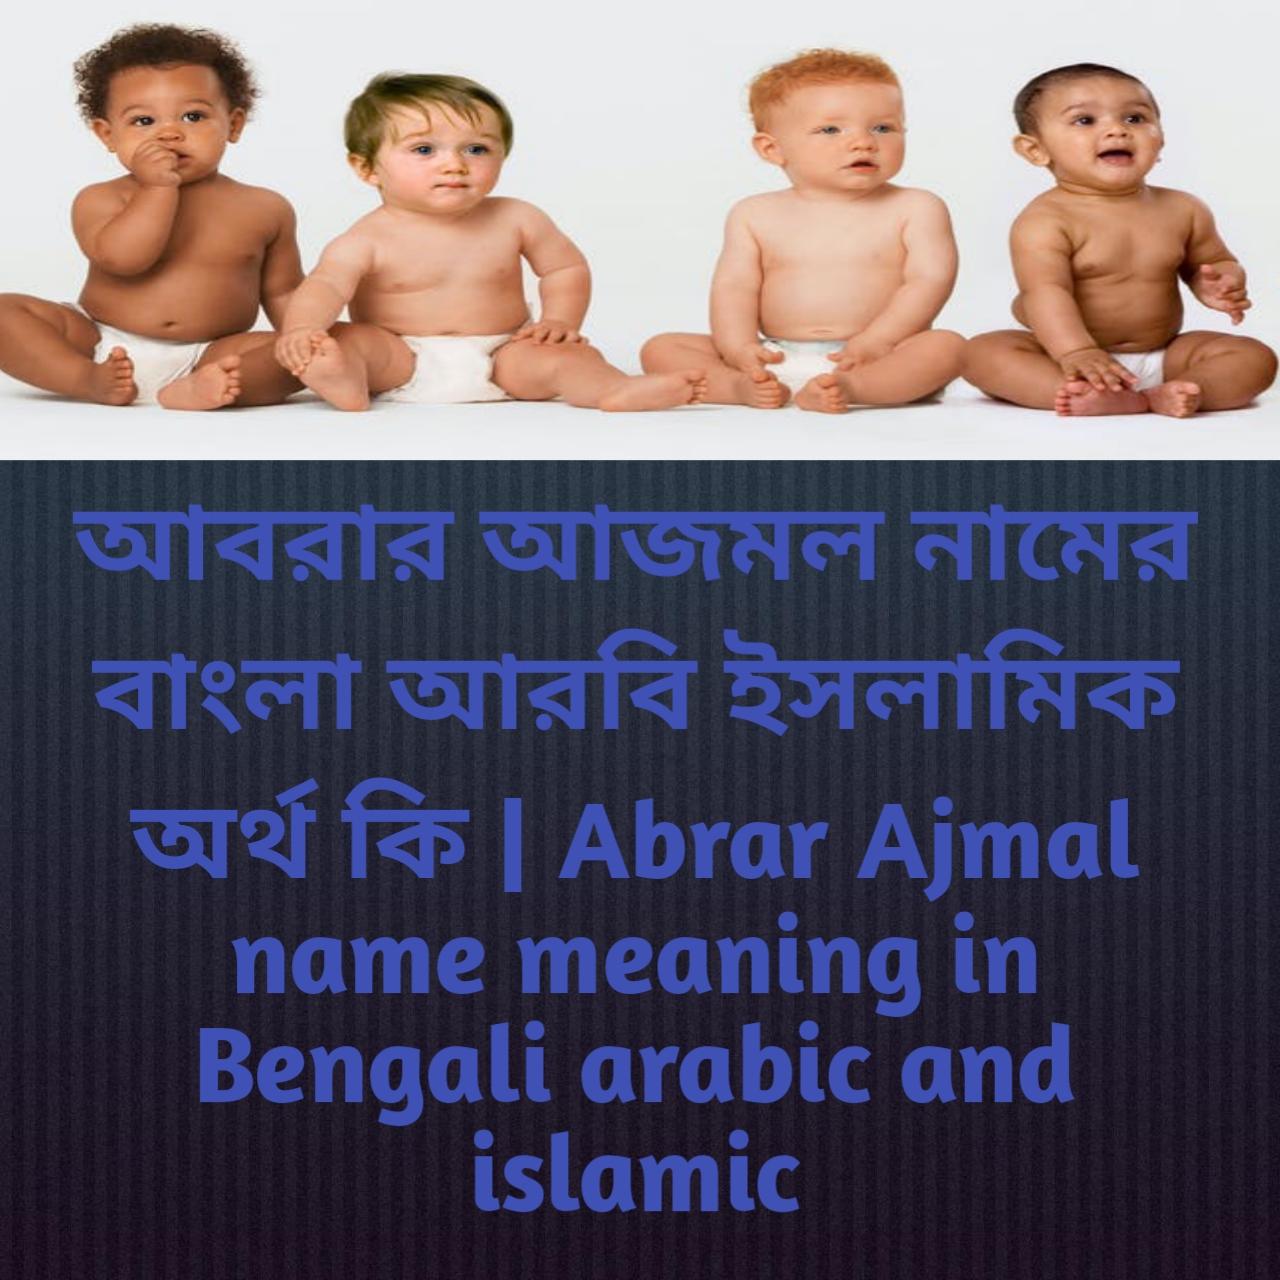 আবরার আজমল নামের অর্থ কি, আবরার আজমল নামের বাংলা অর্থ কি, আবরার আজমল নামের ইসলামিক অর্থ কি, Abrar Ajmal name meaning in Bengali, আবরার আজমল কি ইসলামিক নাম,